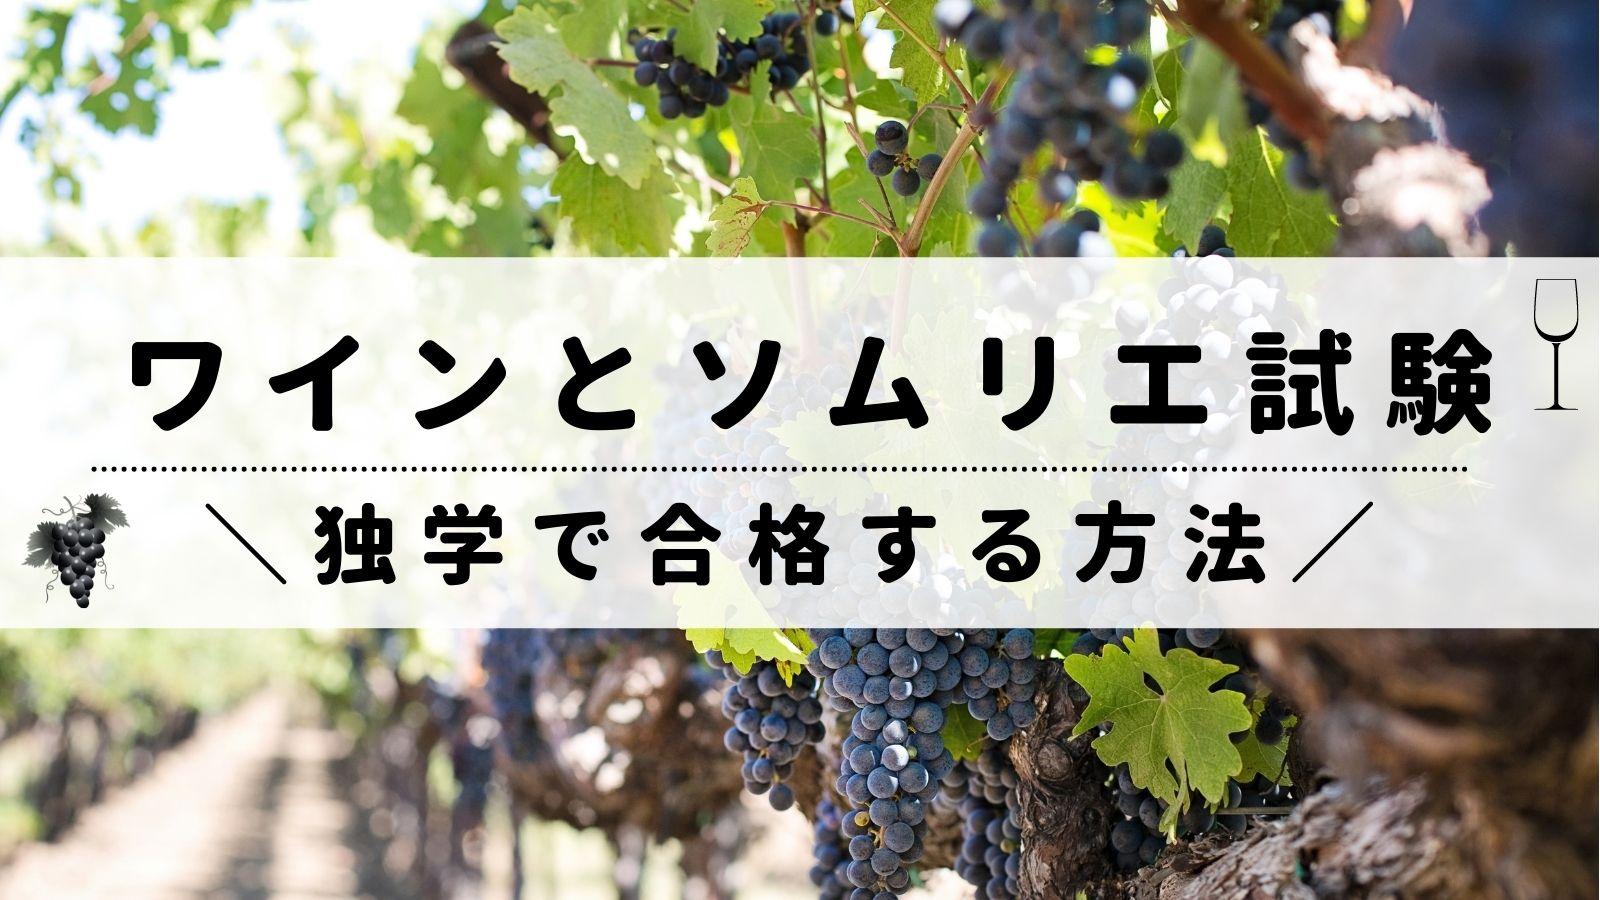 ワイン/ソムリエ試験